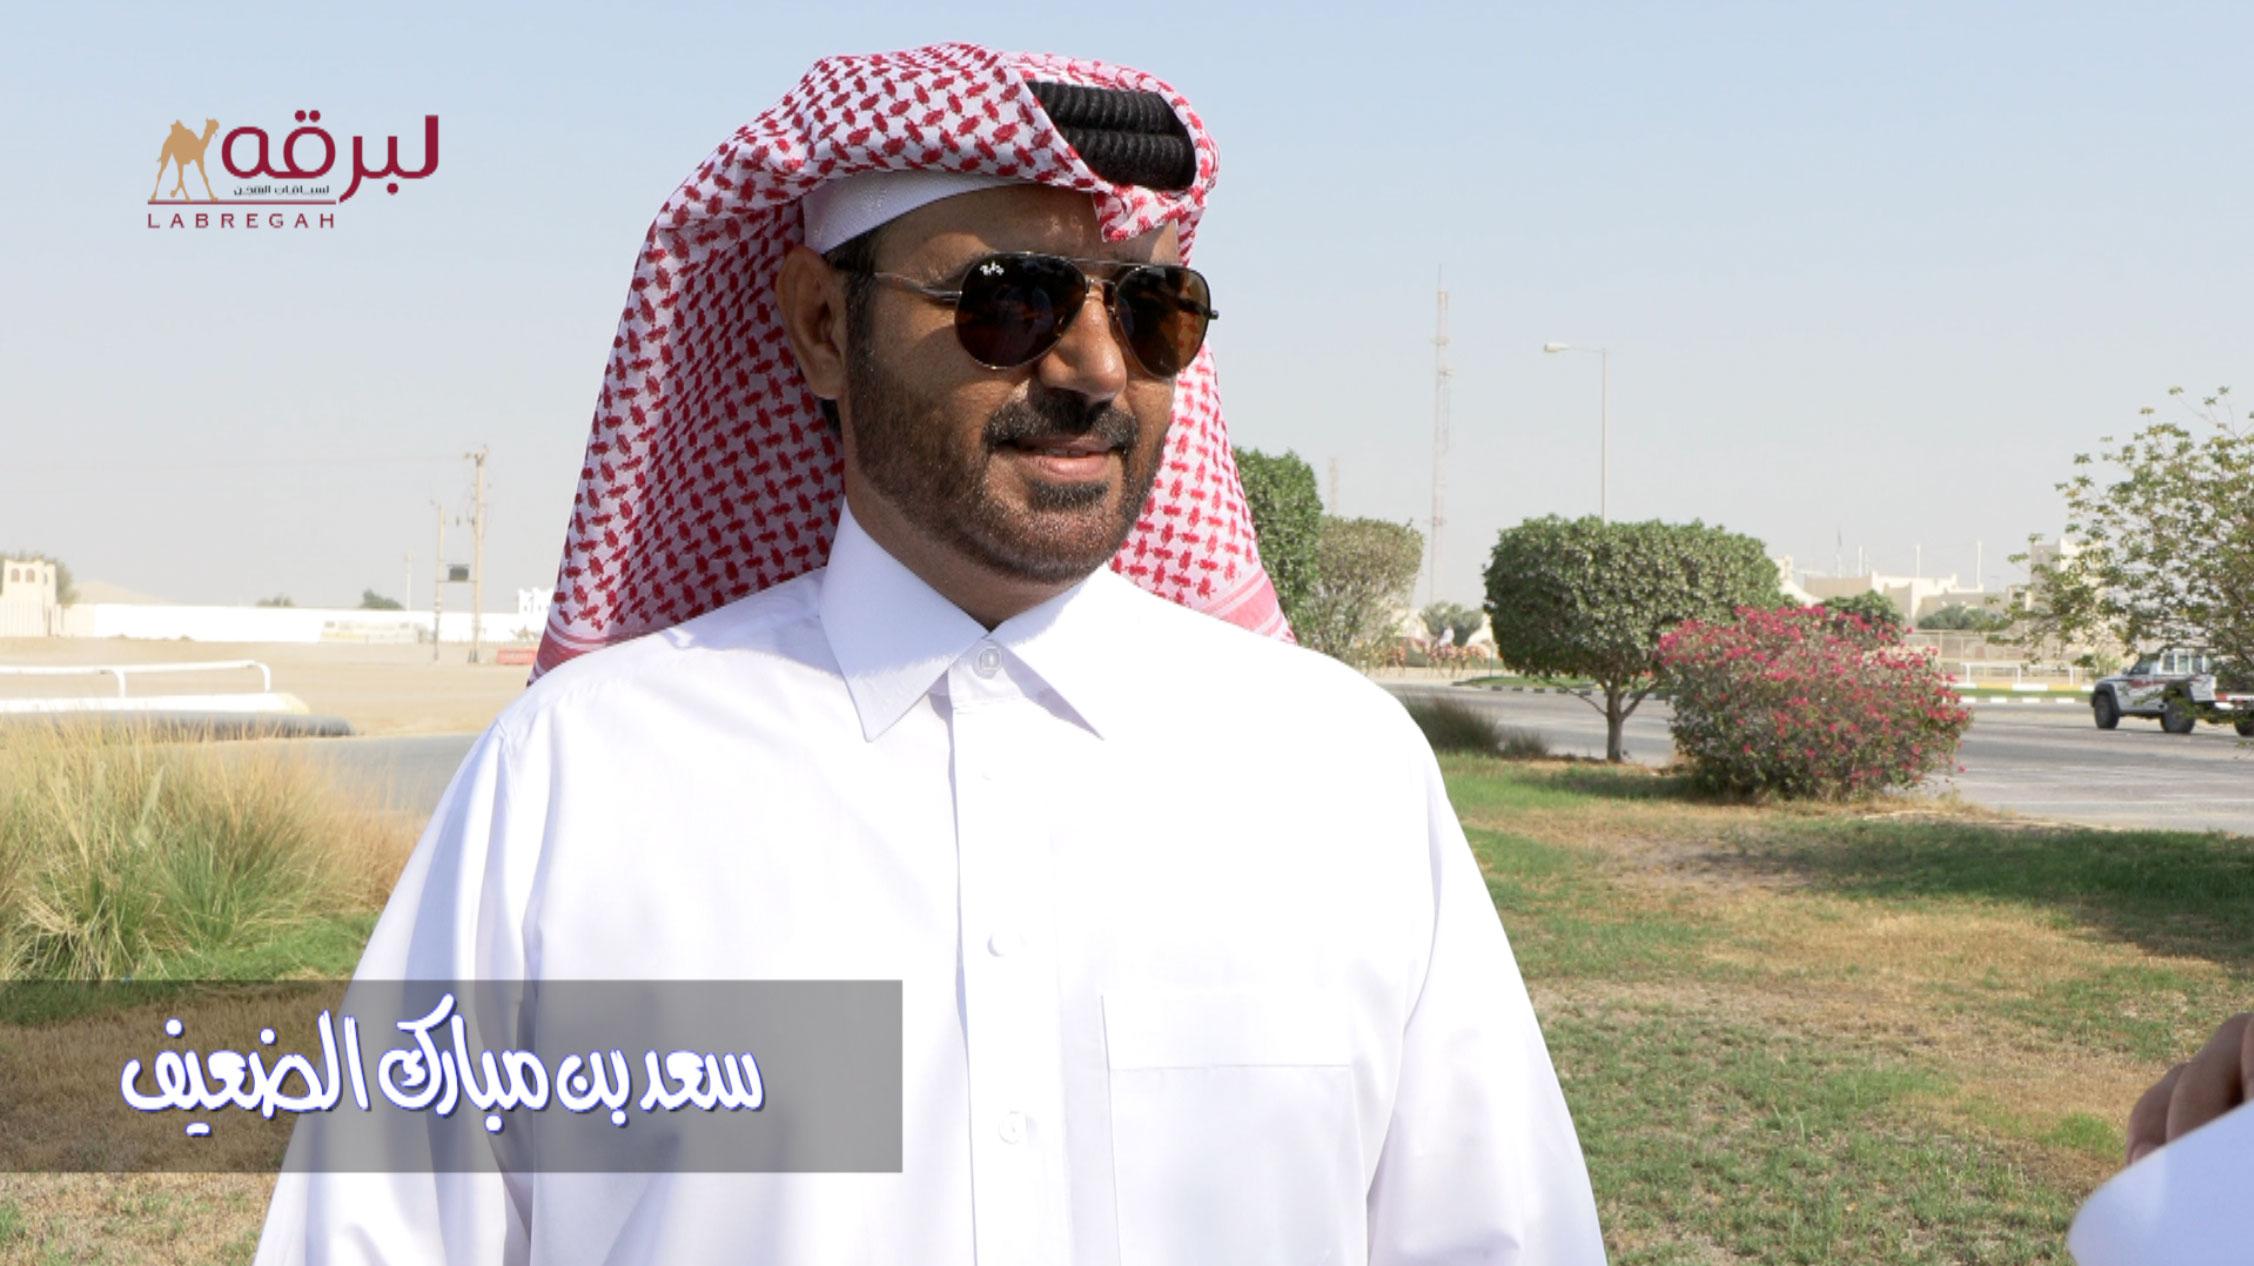 لقاء مع سعد بن مبارك الضعيف الشوط الرئيسي حقايق قعدان مفتوح ميدان الشحانية ٥-٩-٢٠٢١